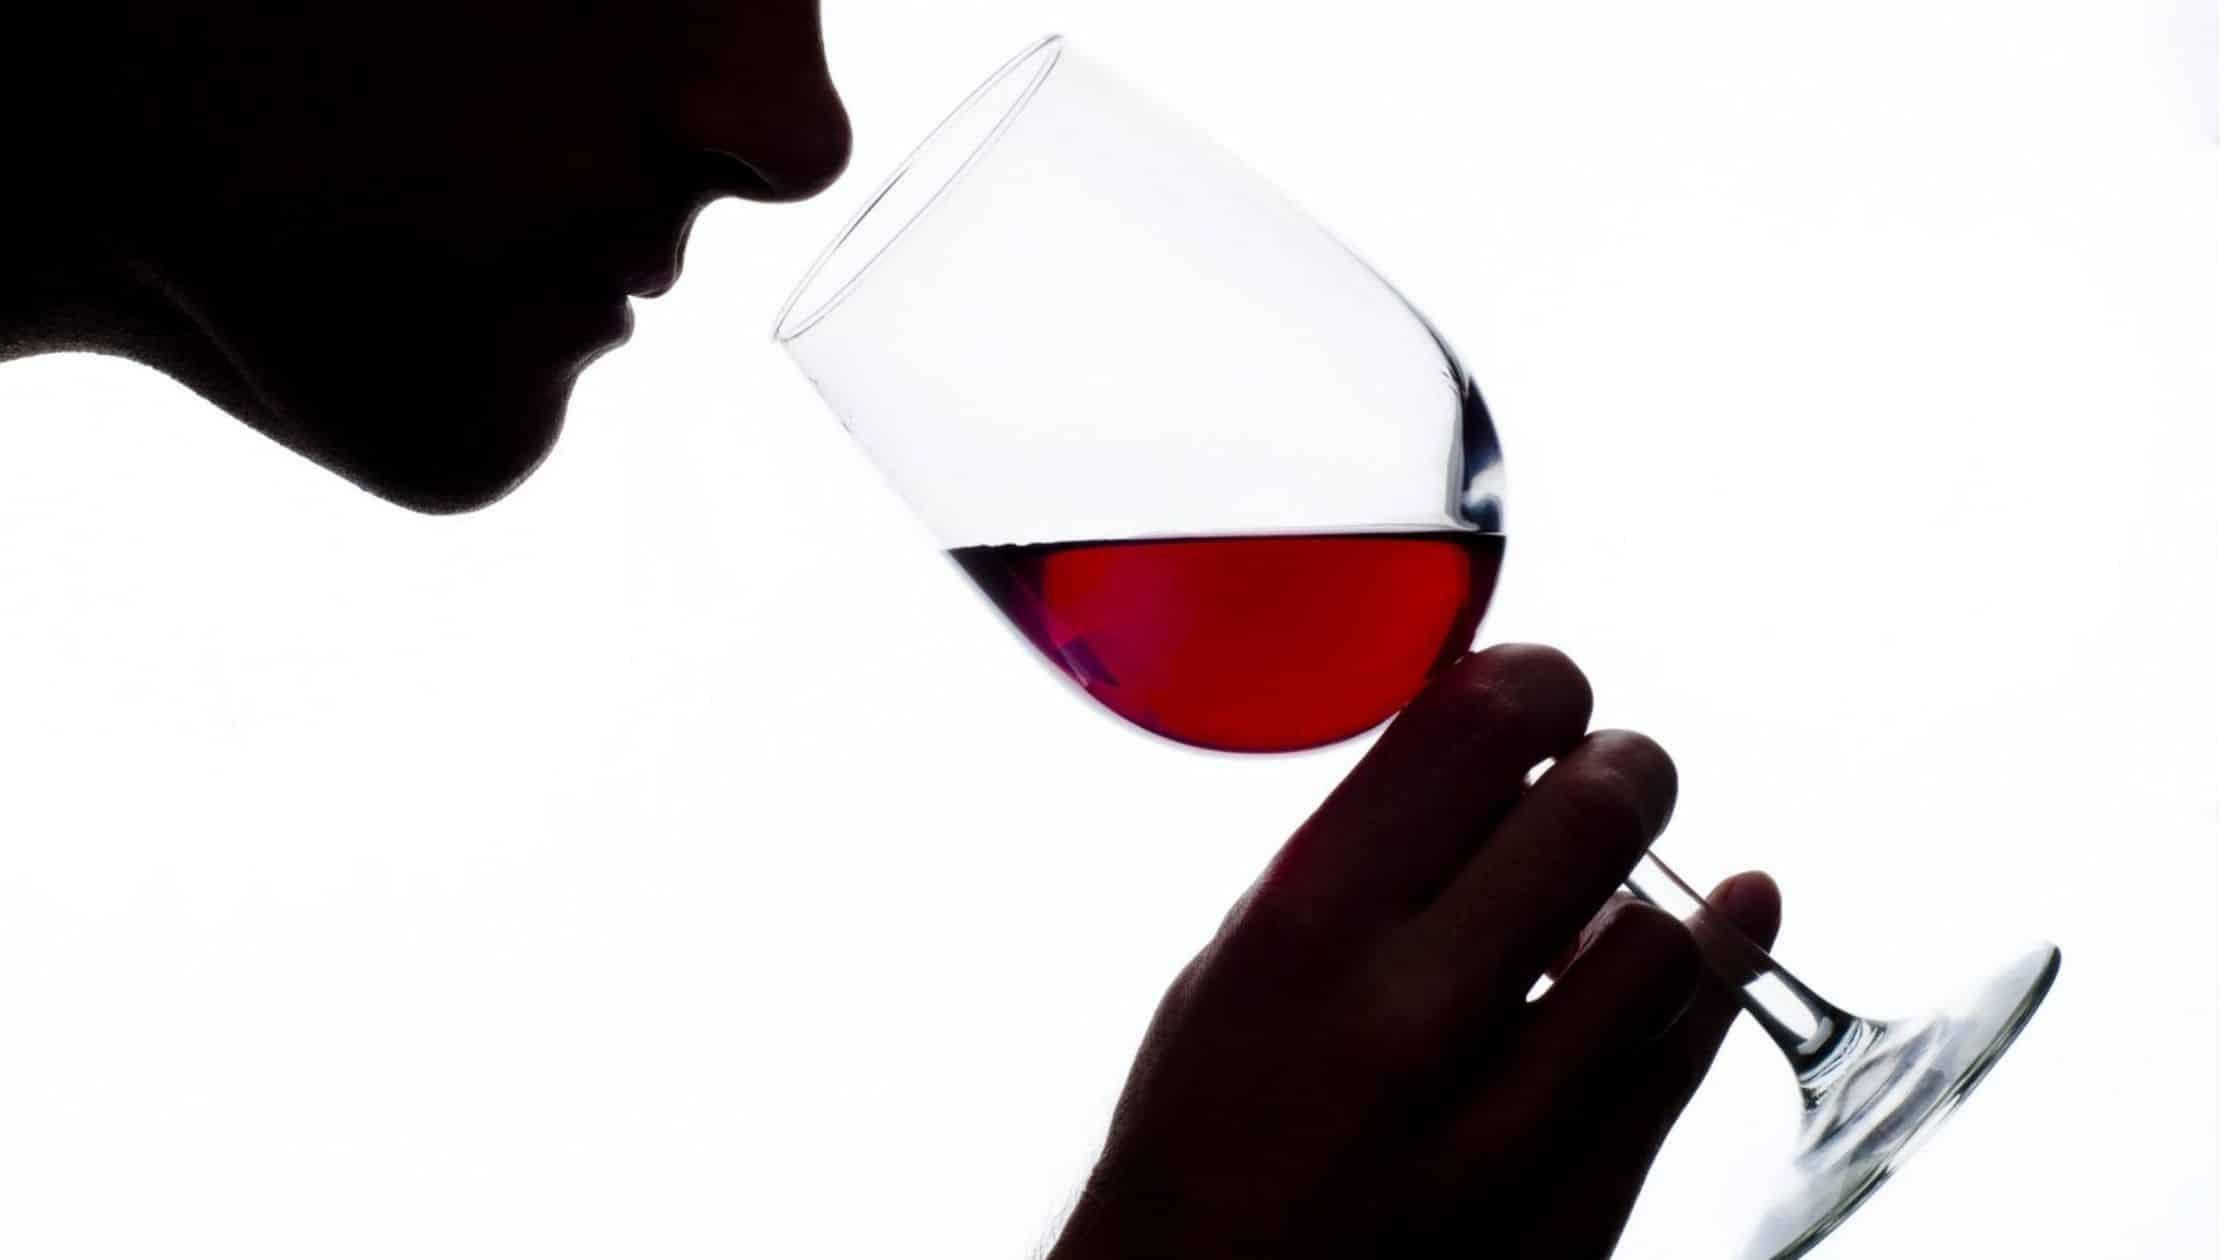 Olor y sabor y como degustar el vino